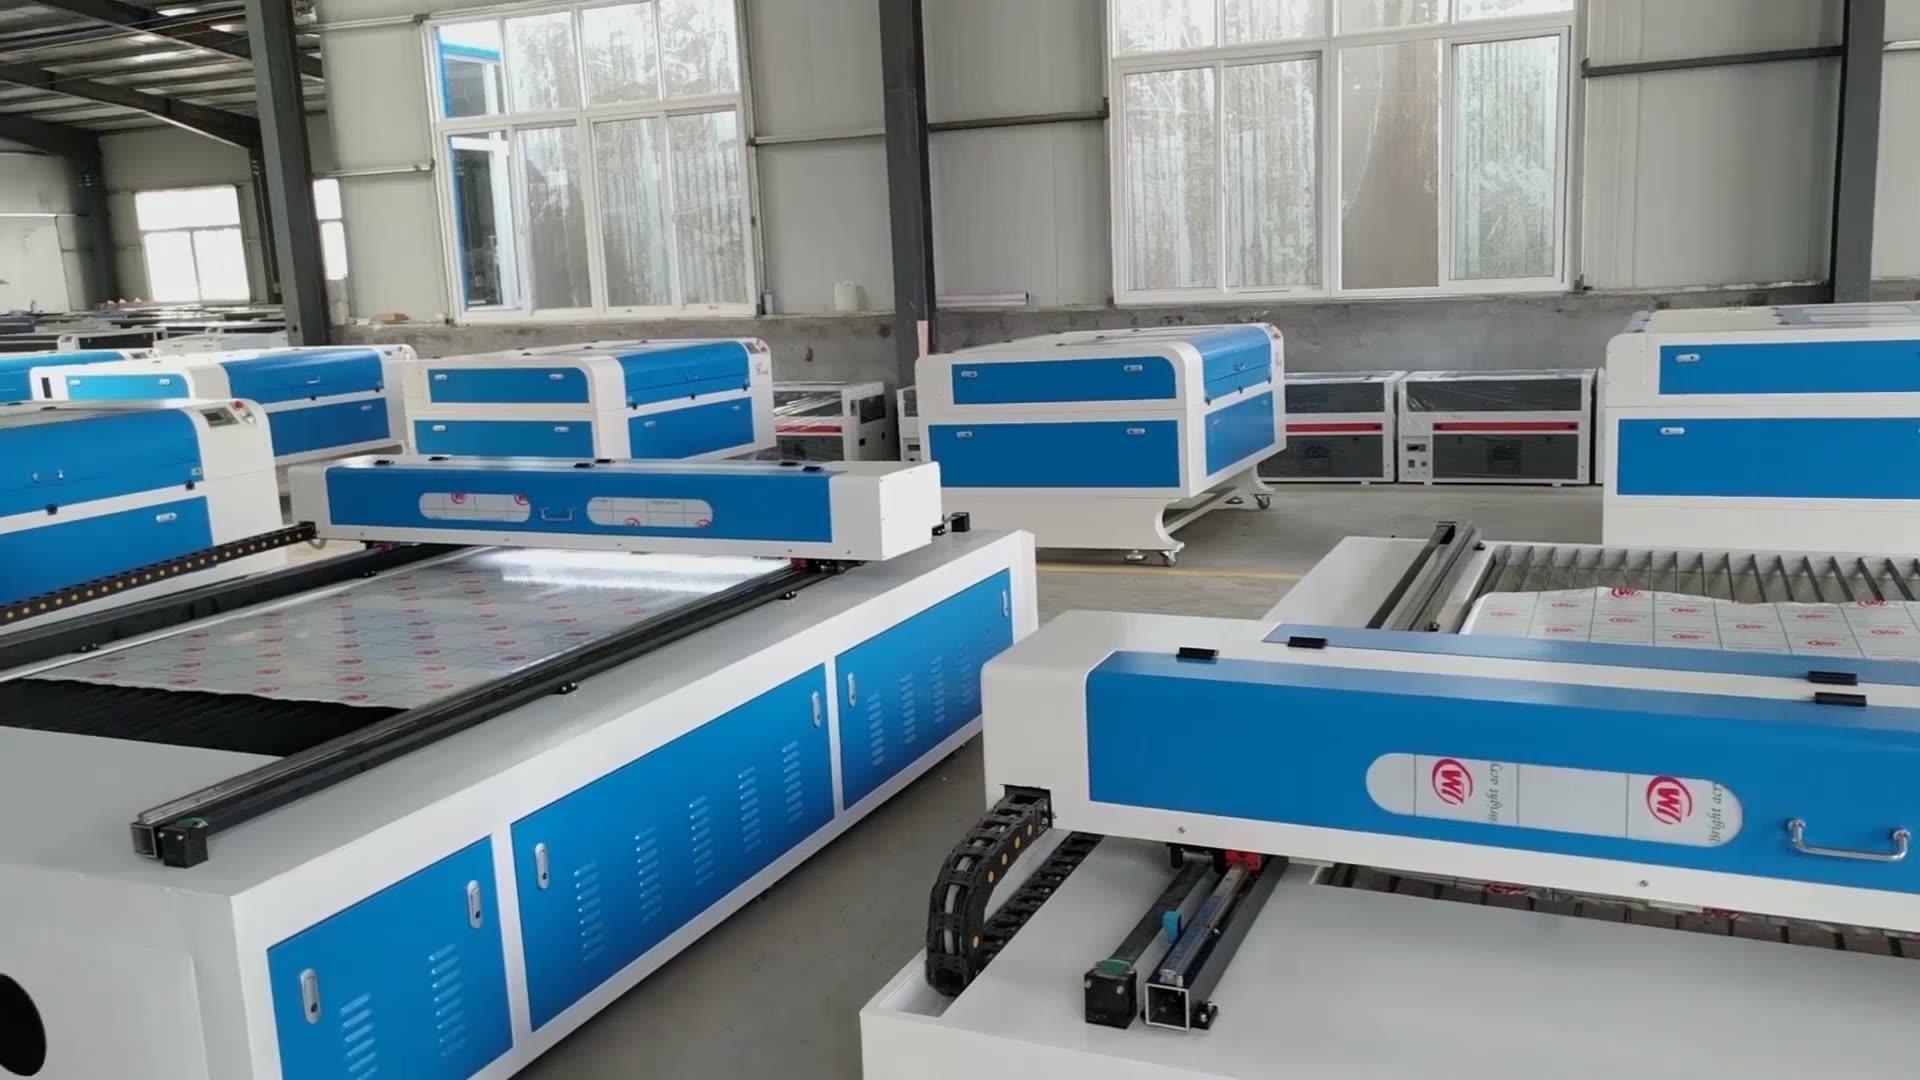 100W Desktop di co2 macchina per marcatura laser per la stampa di marchio su legno acrilico MDF 110x110mm Sino-galvo RC2808 BJJCZ bordo